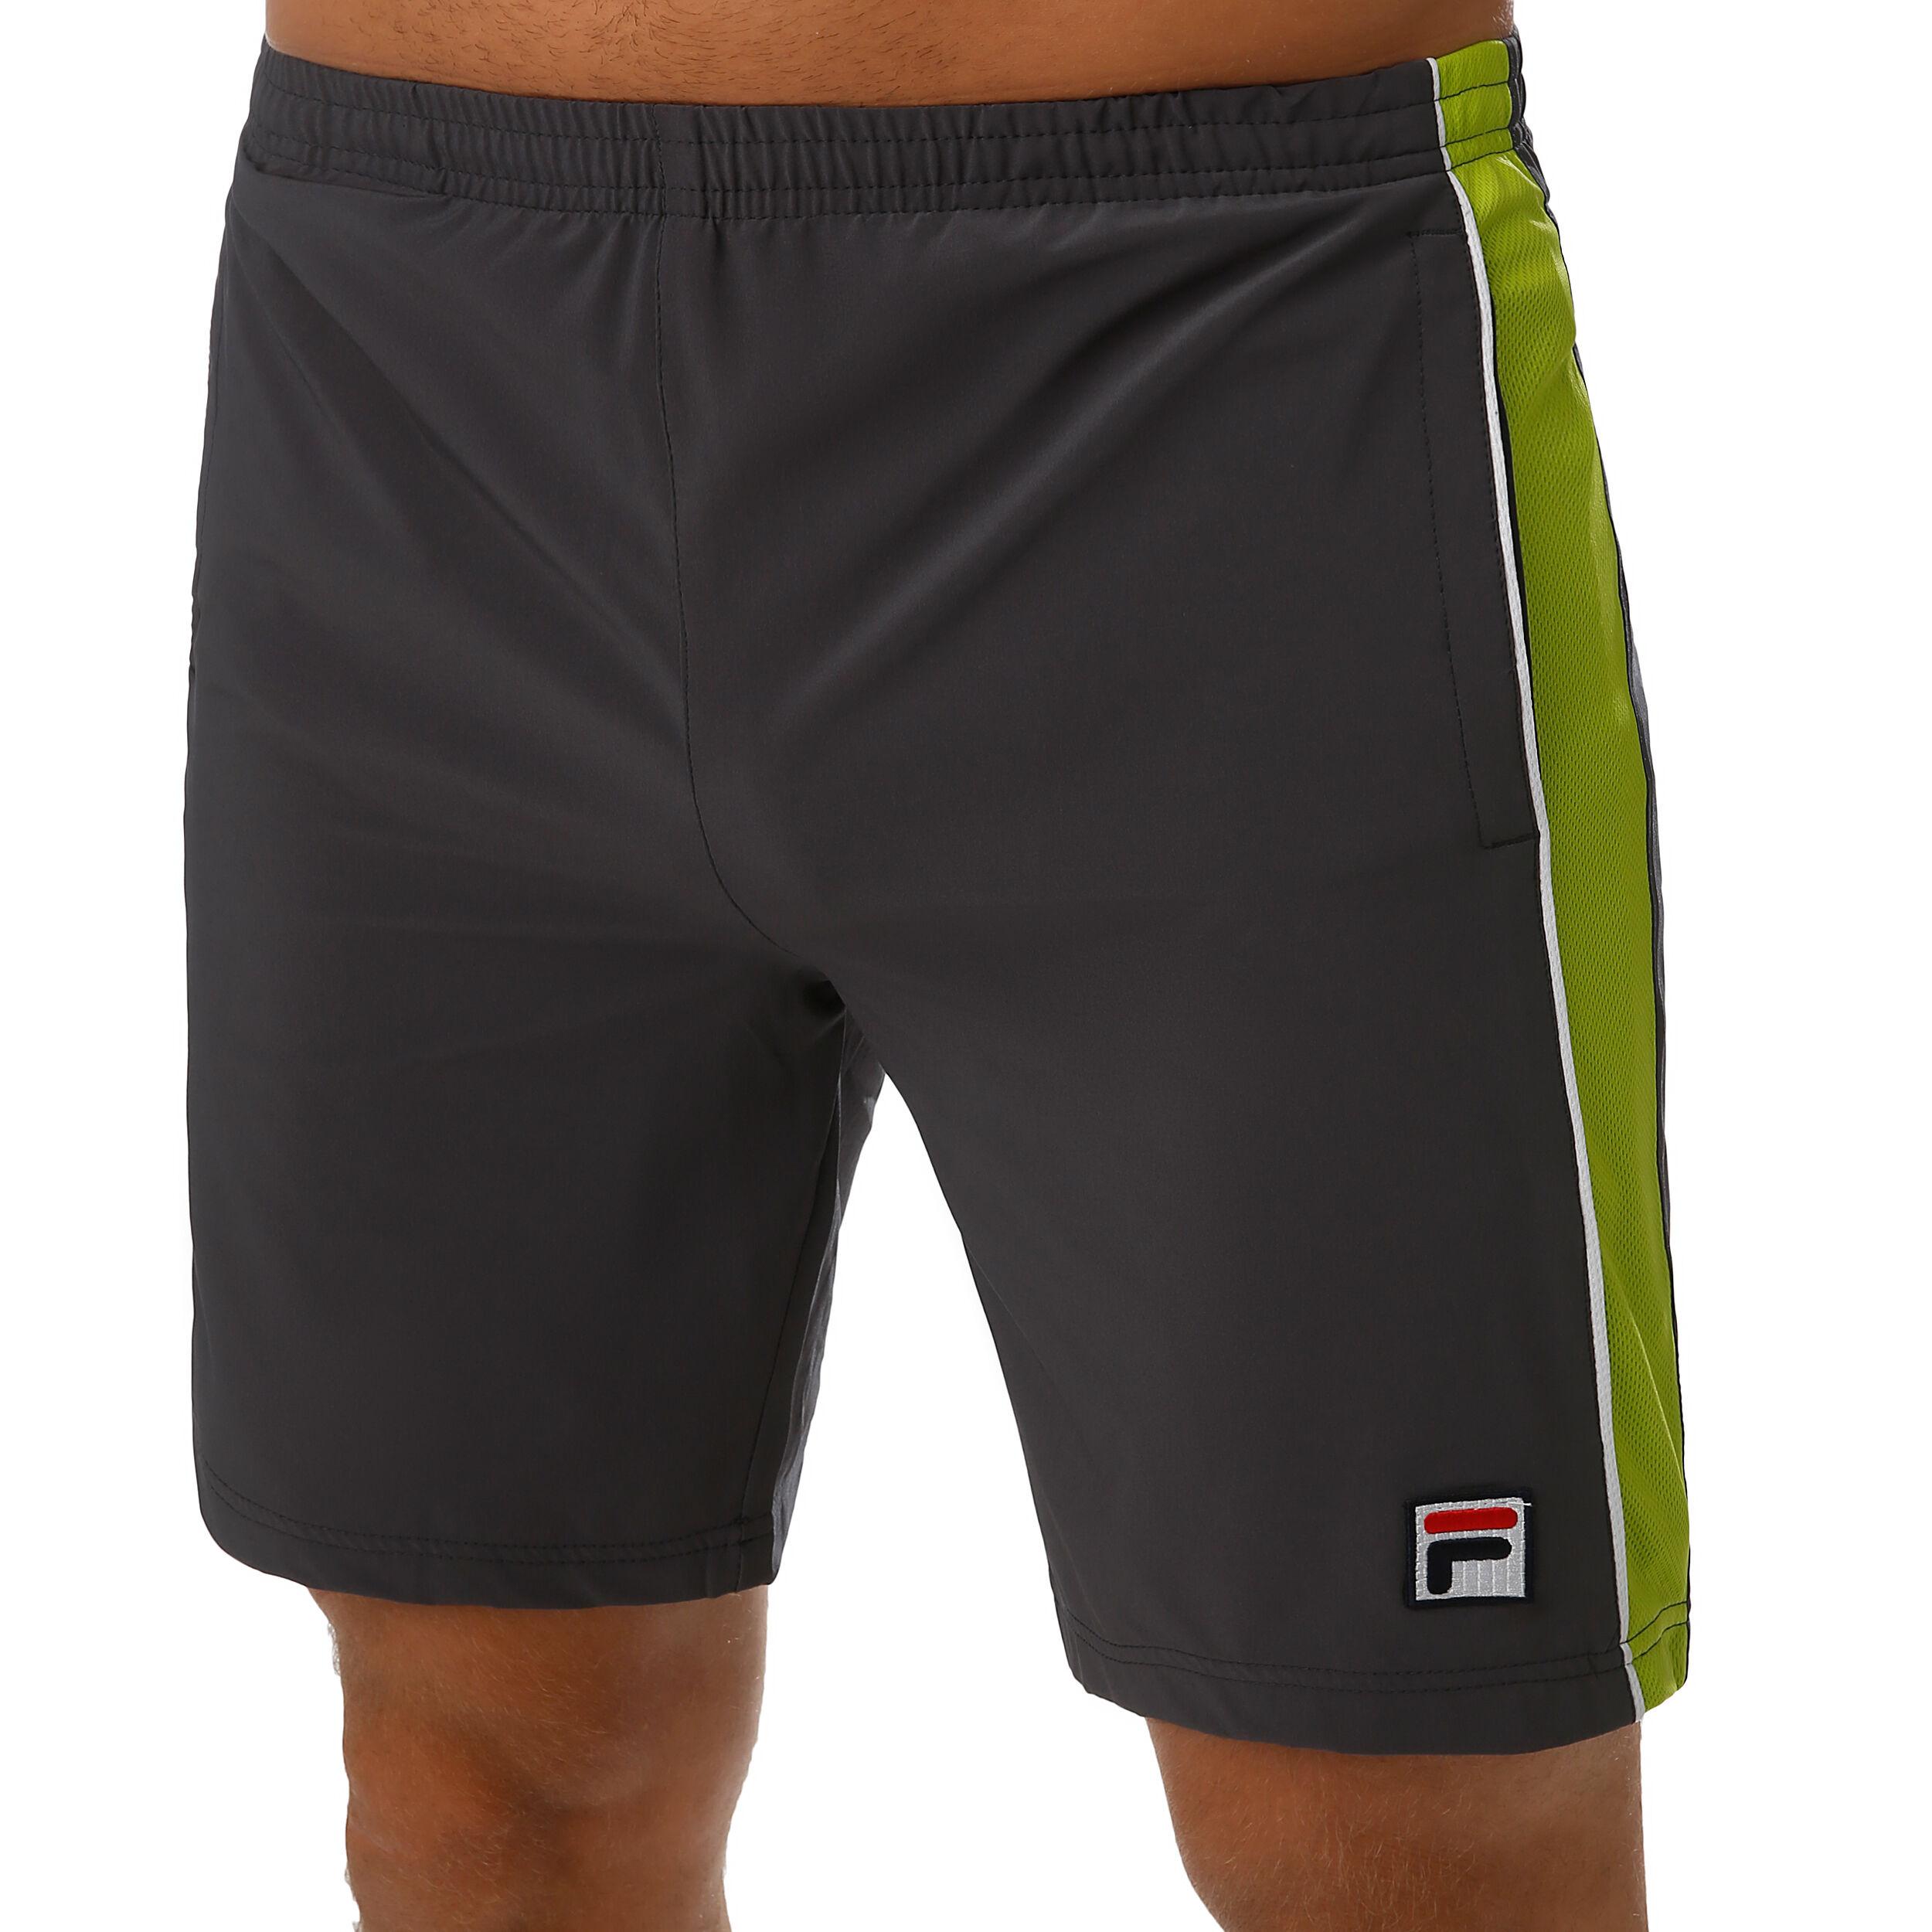 FoncéVert Hommes Hommes Shorts Shorts Bleu Falco FoncéVert Bleu Falco ZTukPOXi